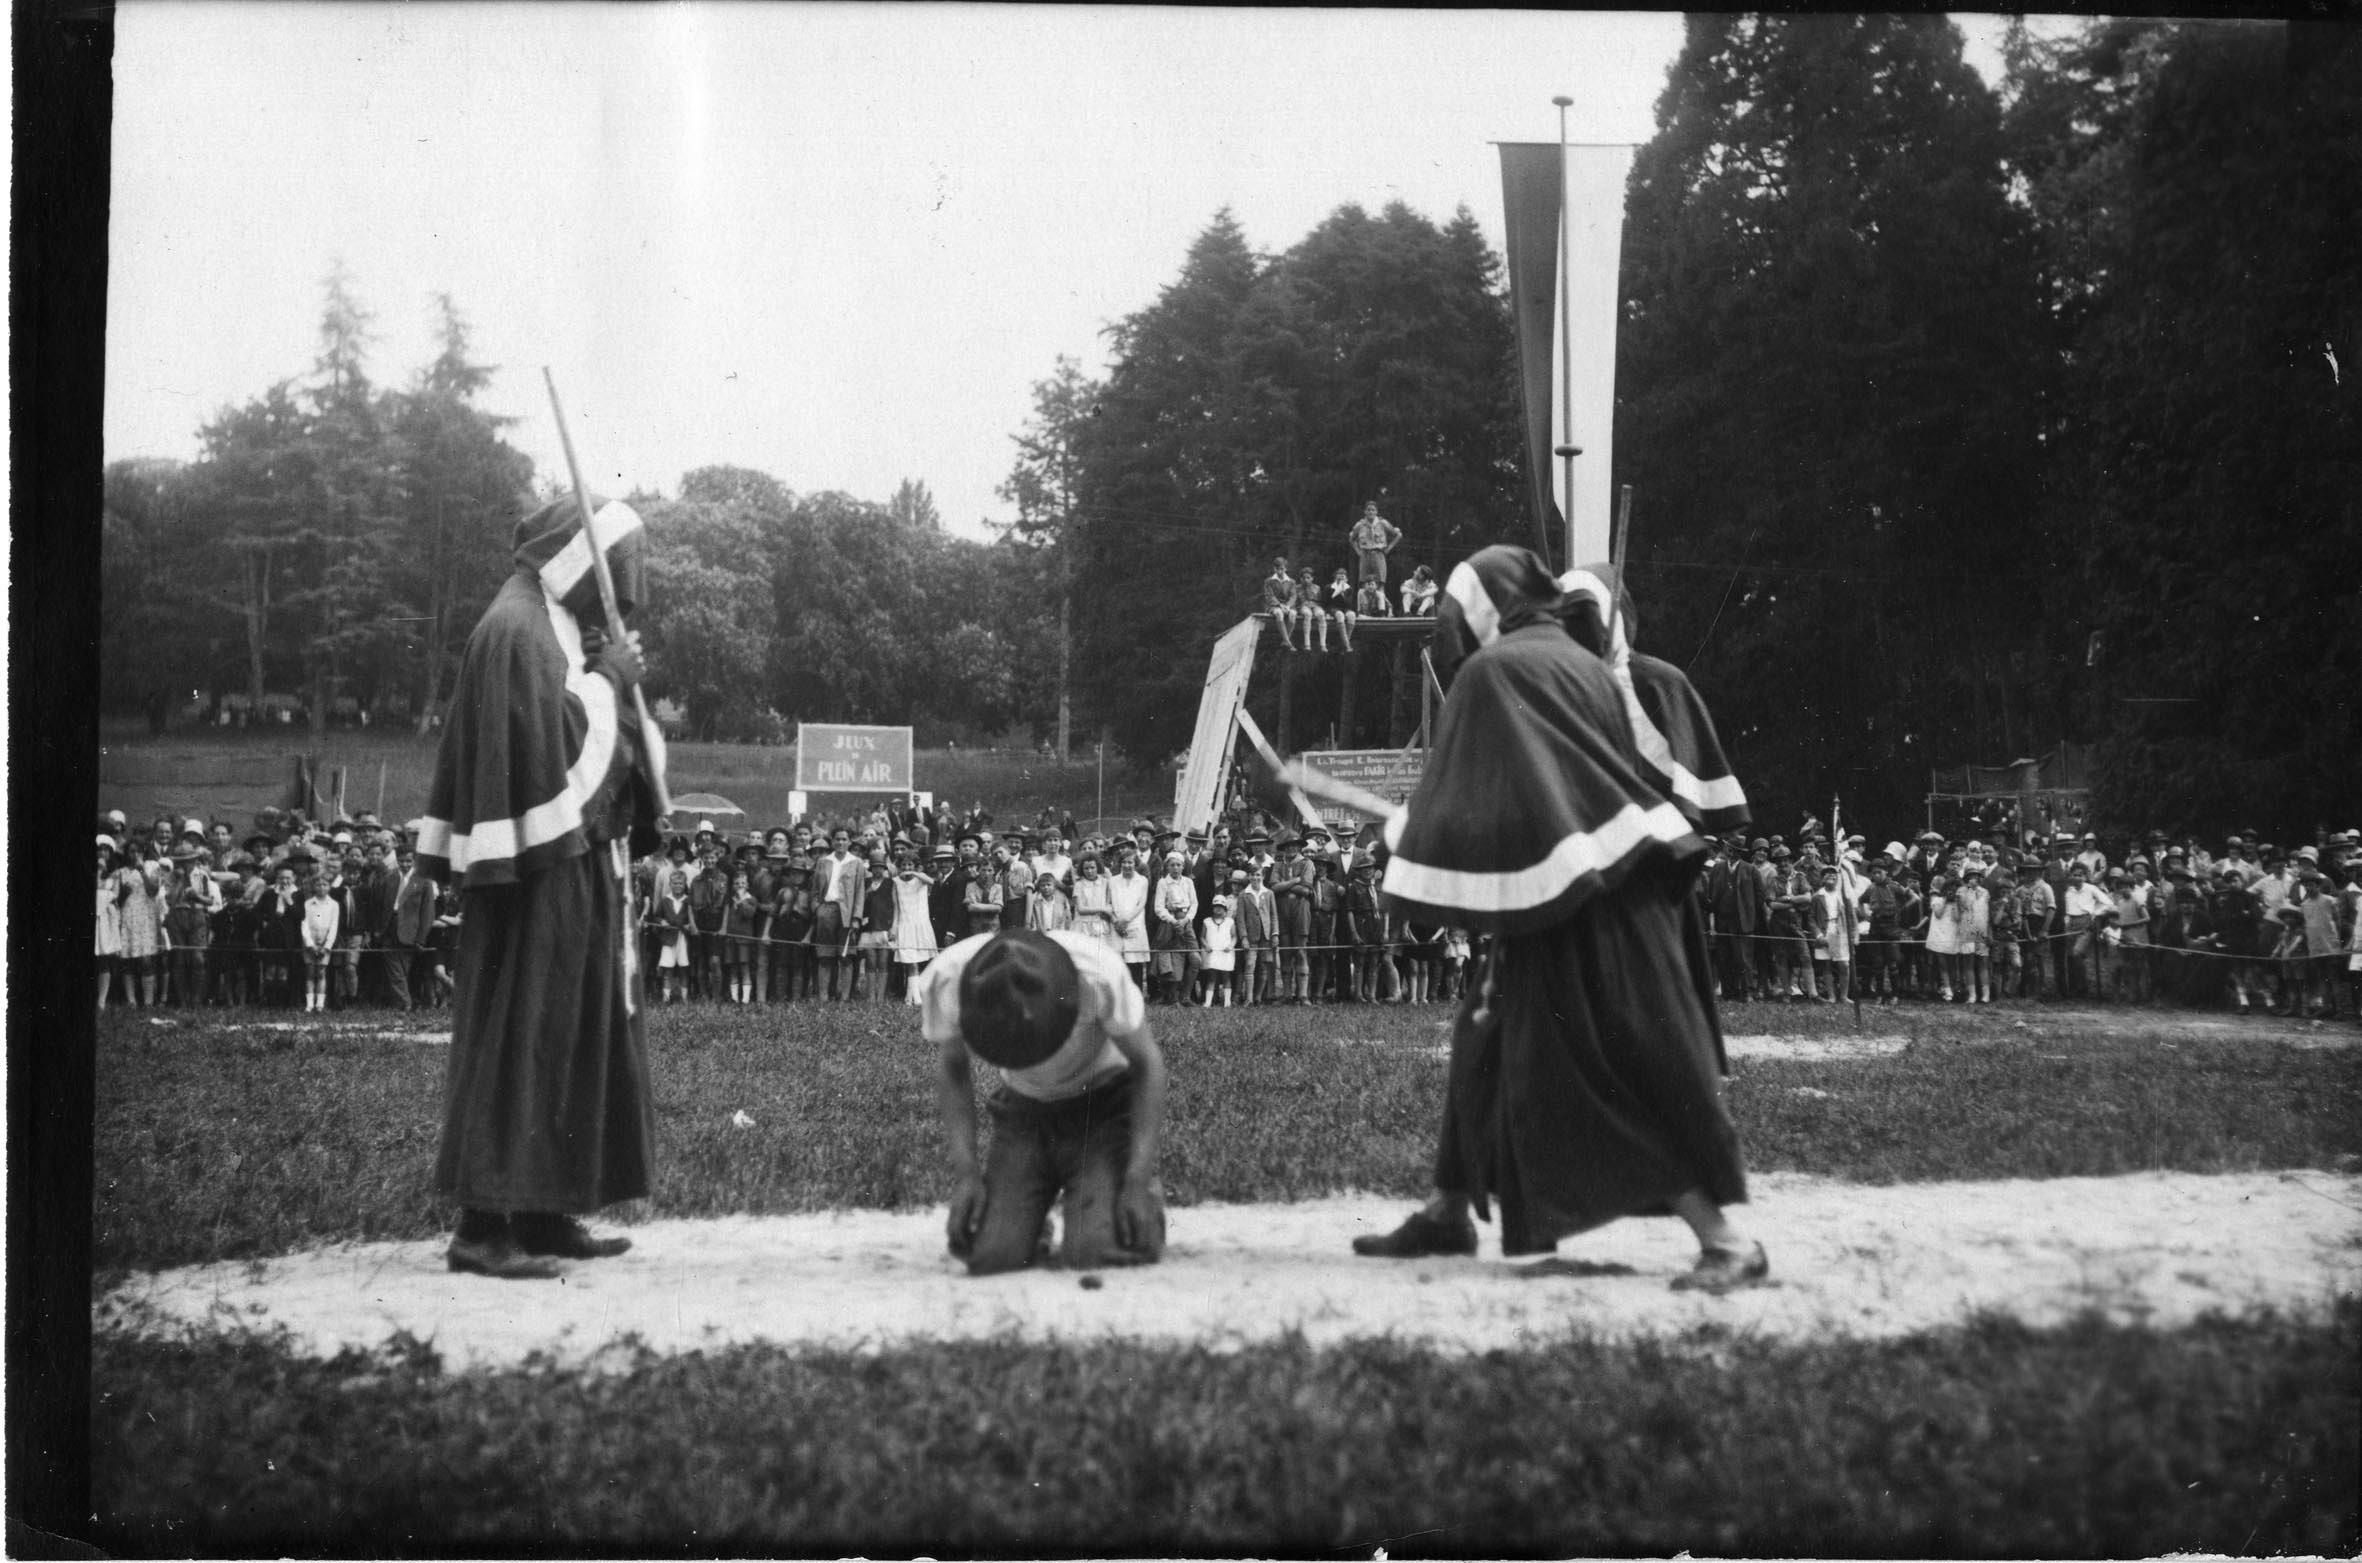 Scoutisme, fête des éclaireurs genevois au parc des Eaux-Vives